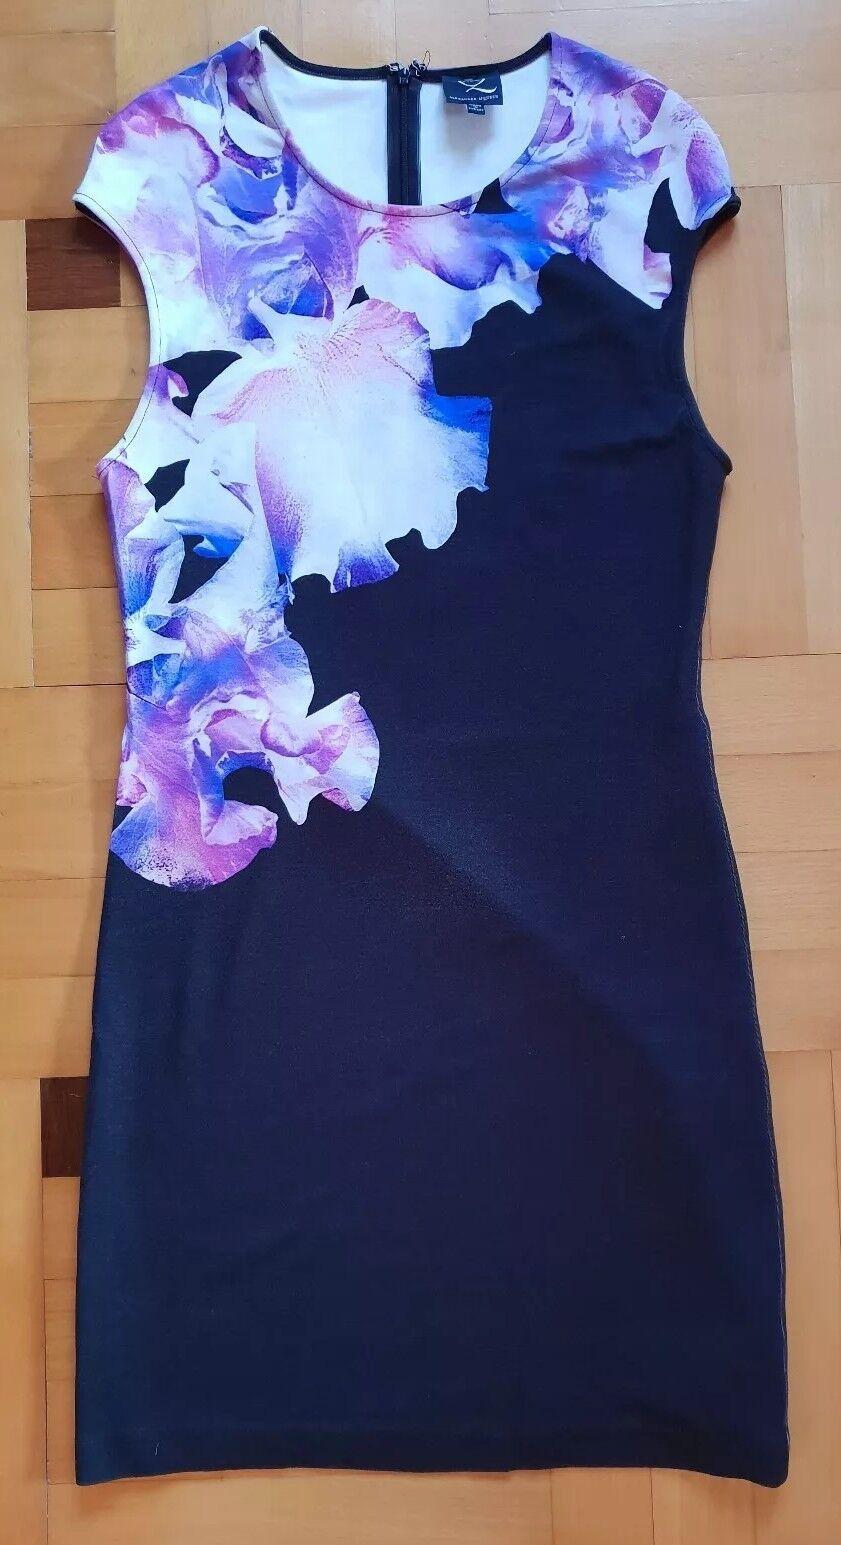 ALEXANDER MCQUEEN KLEID DRESS schwarz SHIFTDRESS NEU GR 38 - 40 M L